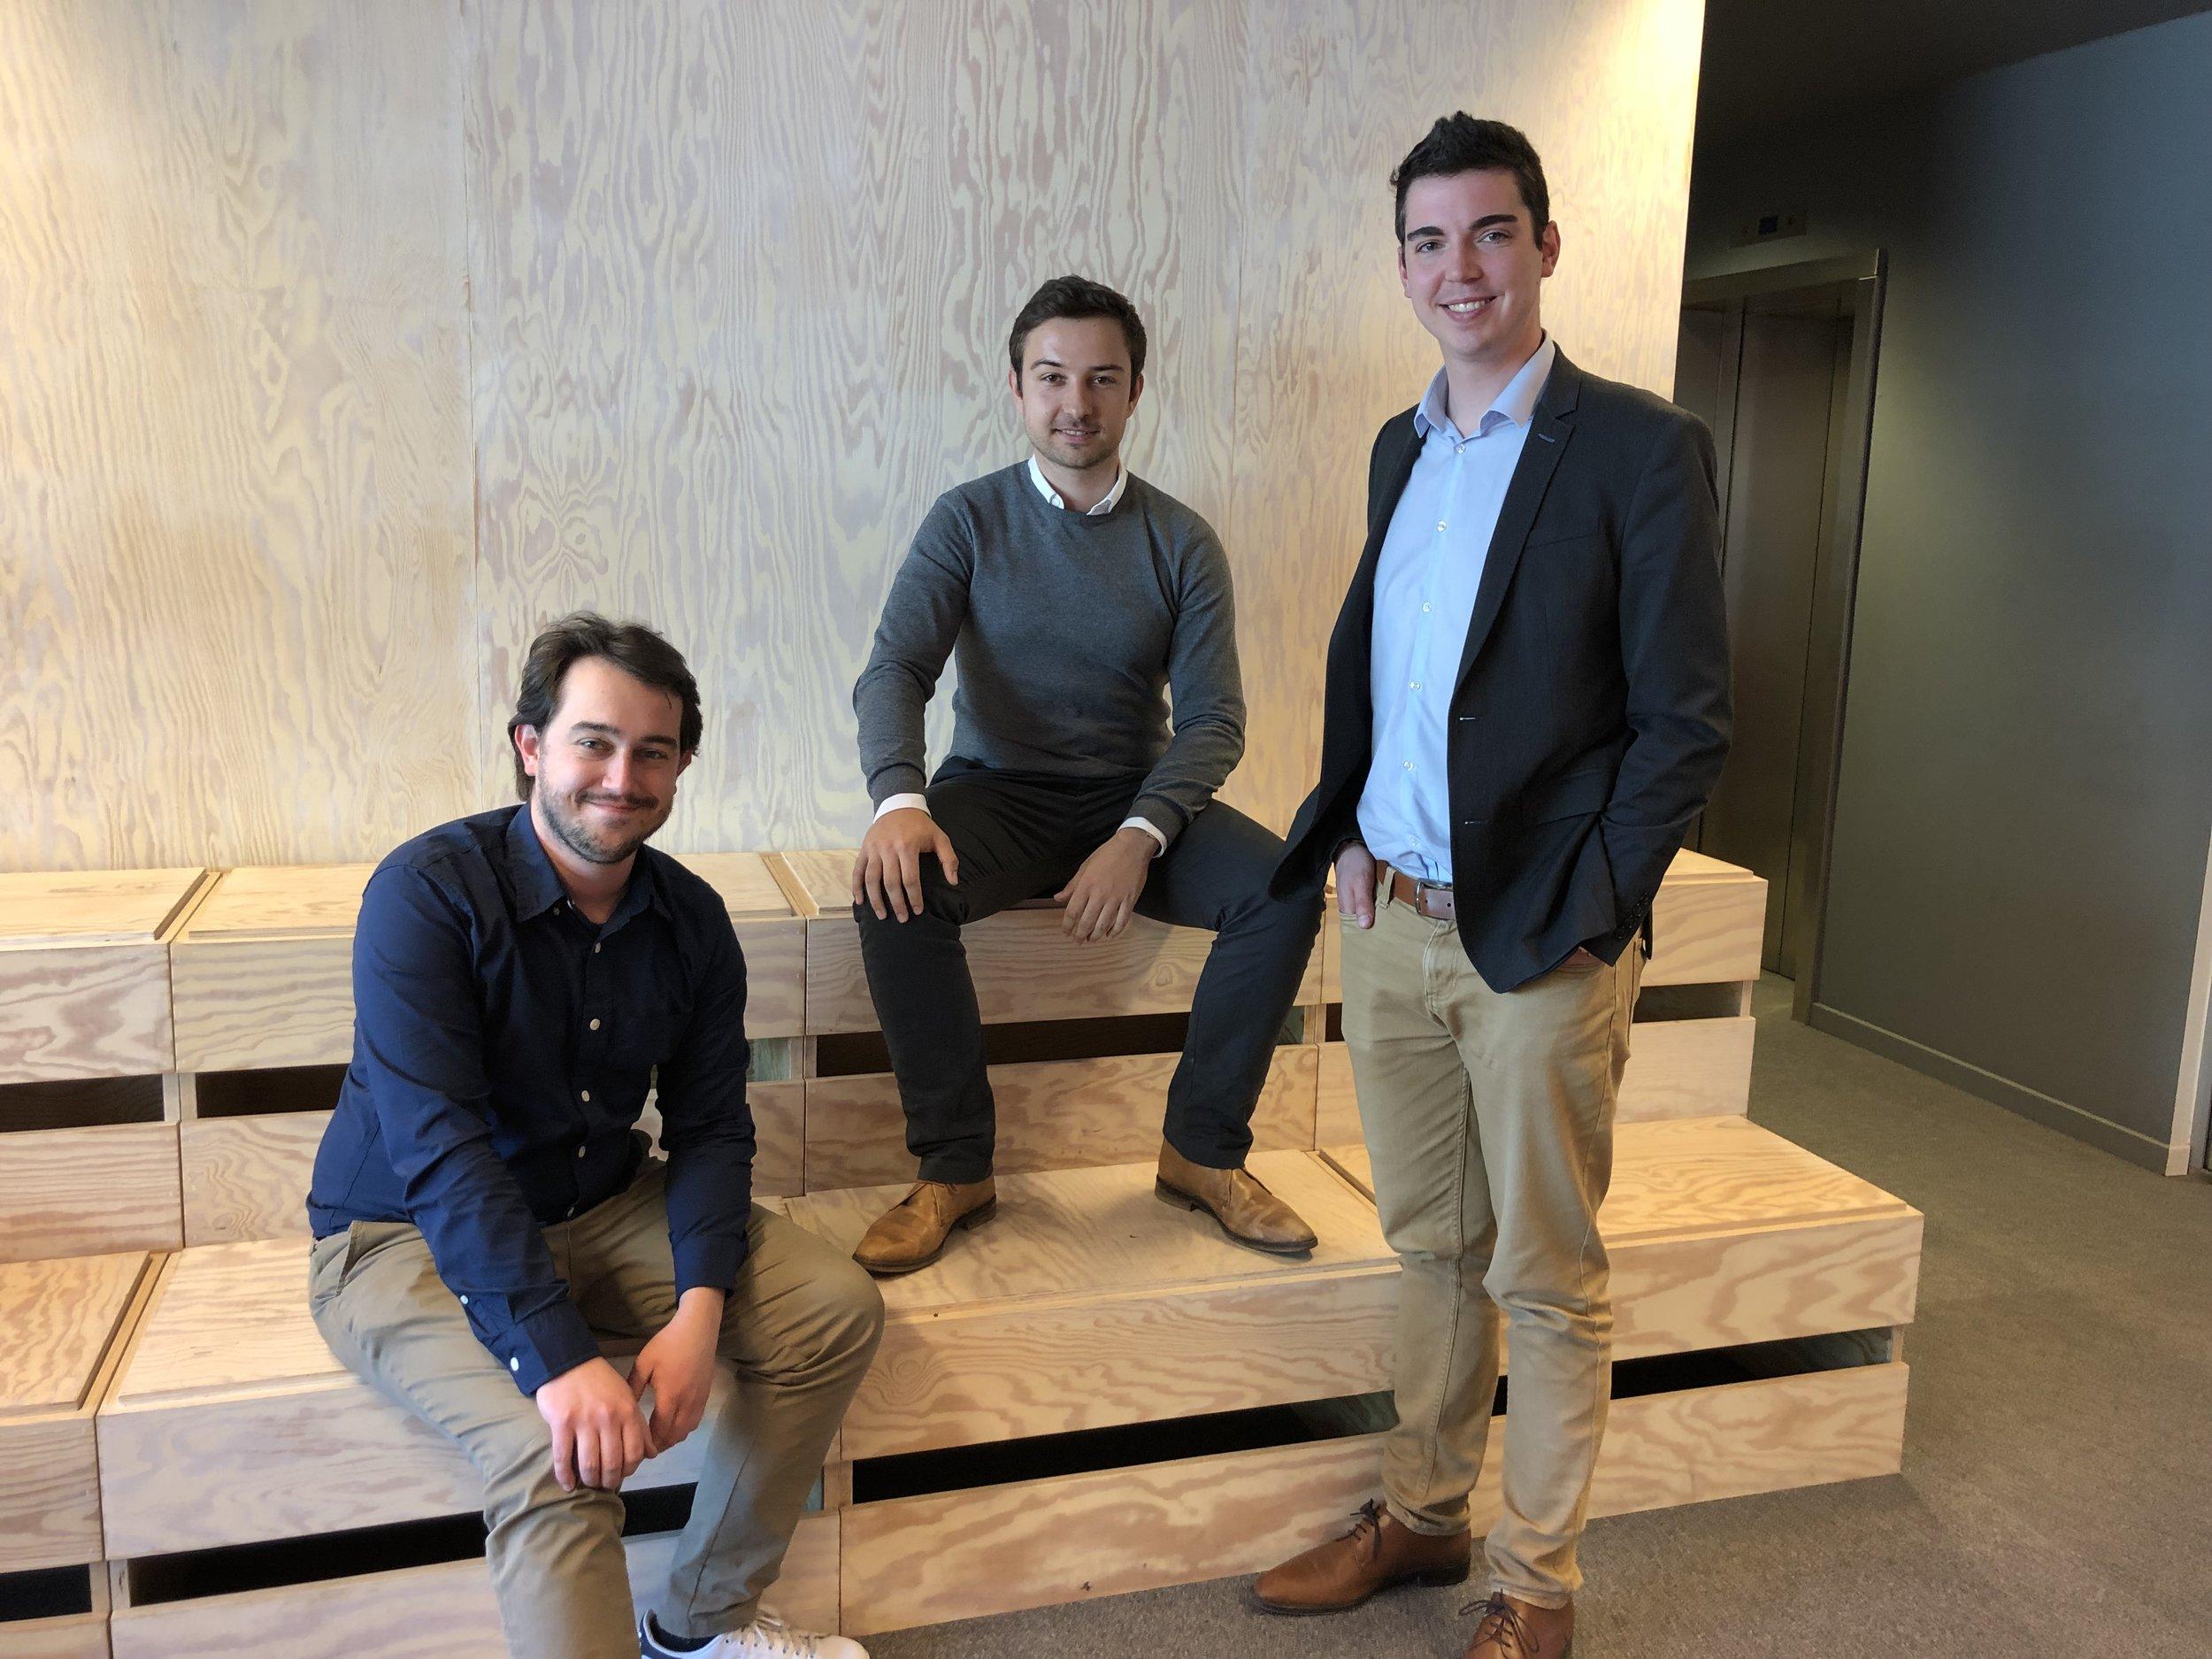 De oprichters van Digita. Van links naar rechts: Tom Haegemans, Lauro Vanderborght en Wouter Janssens.